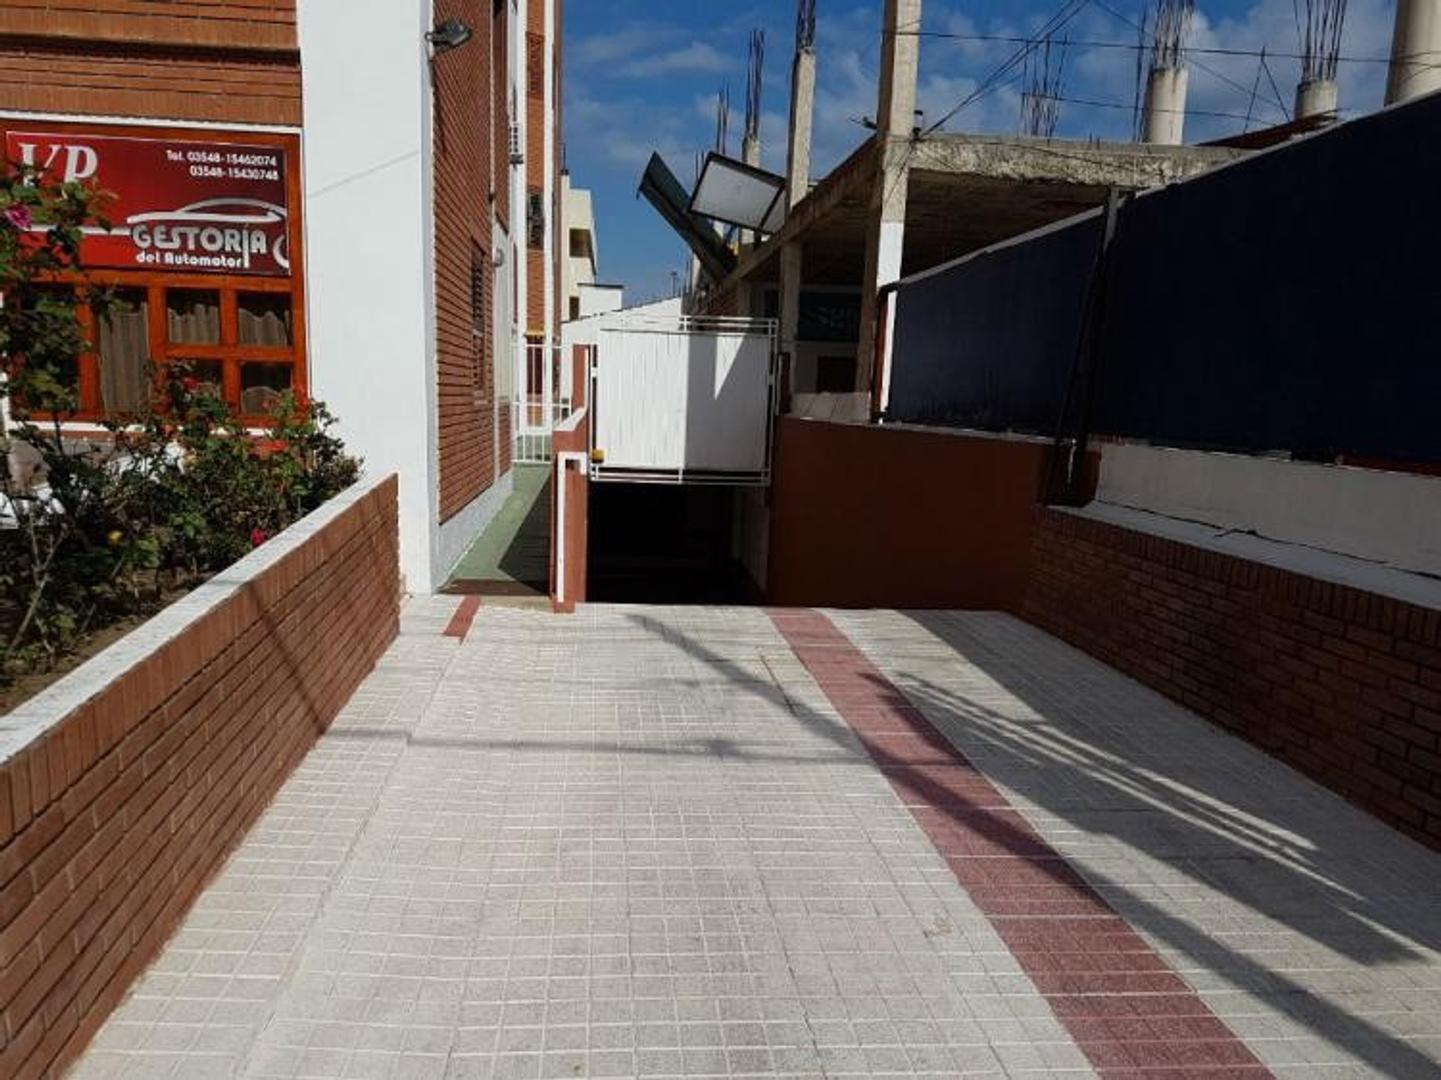 MUY LINDO DEPARTAMENTO DE 1 DORMITORIO, AMPLIO, CON WiFi. A 1 CUADRA DE PEATONAL, Zona McDonals. - Foto 19